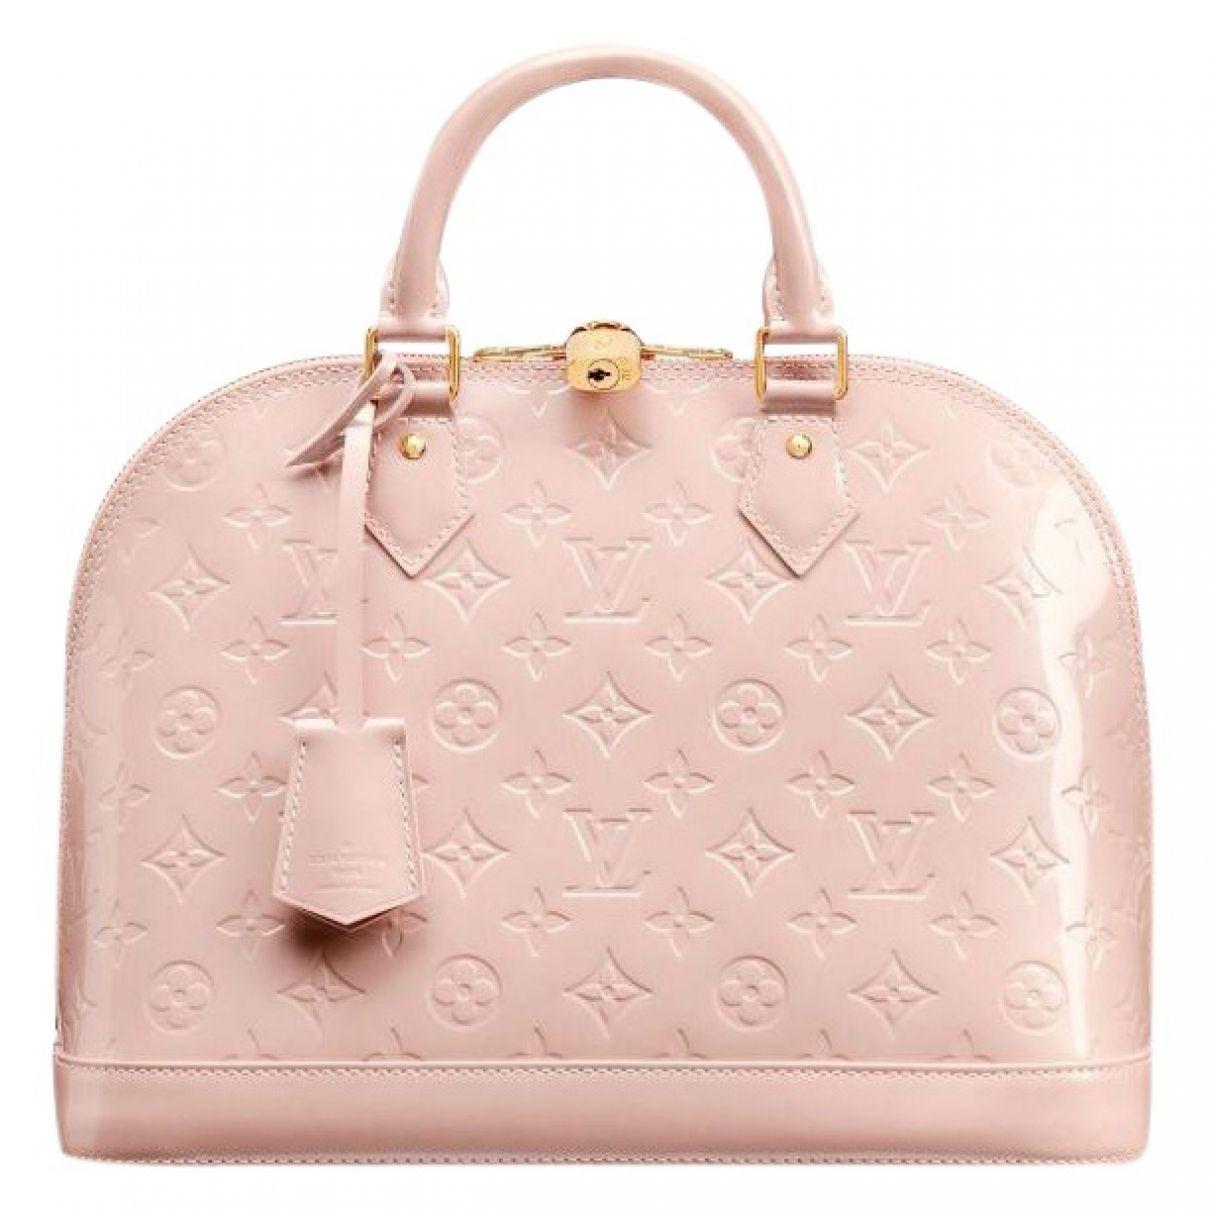 Louis Vuitton Pink Patent Leather Handbag Alma Vestiaire Collective